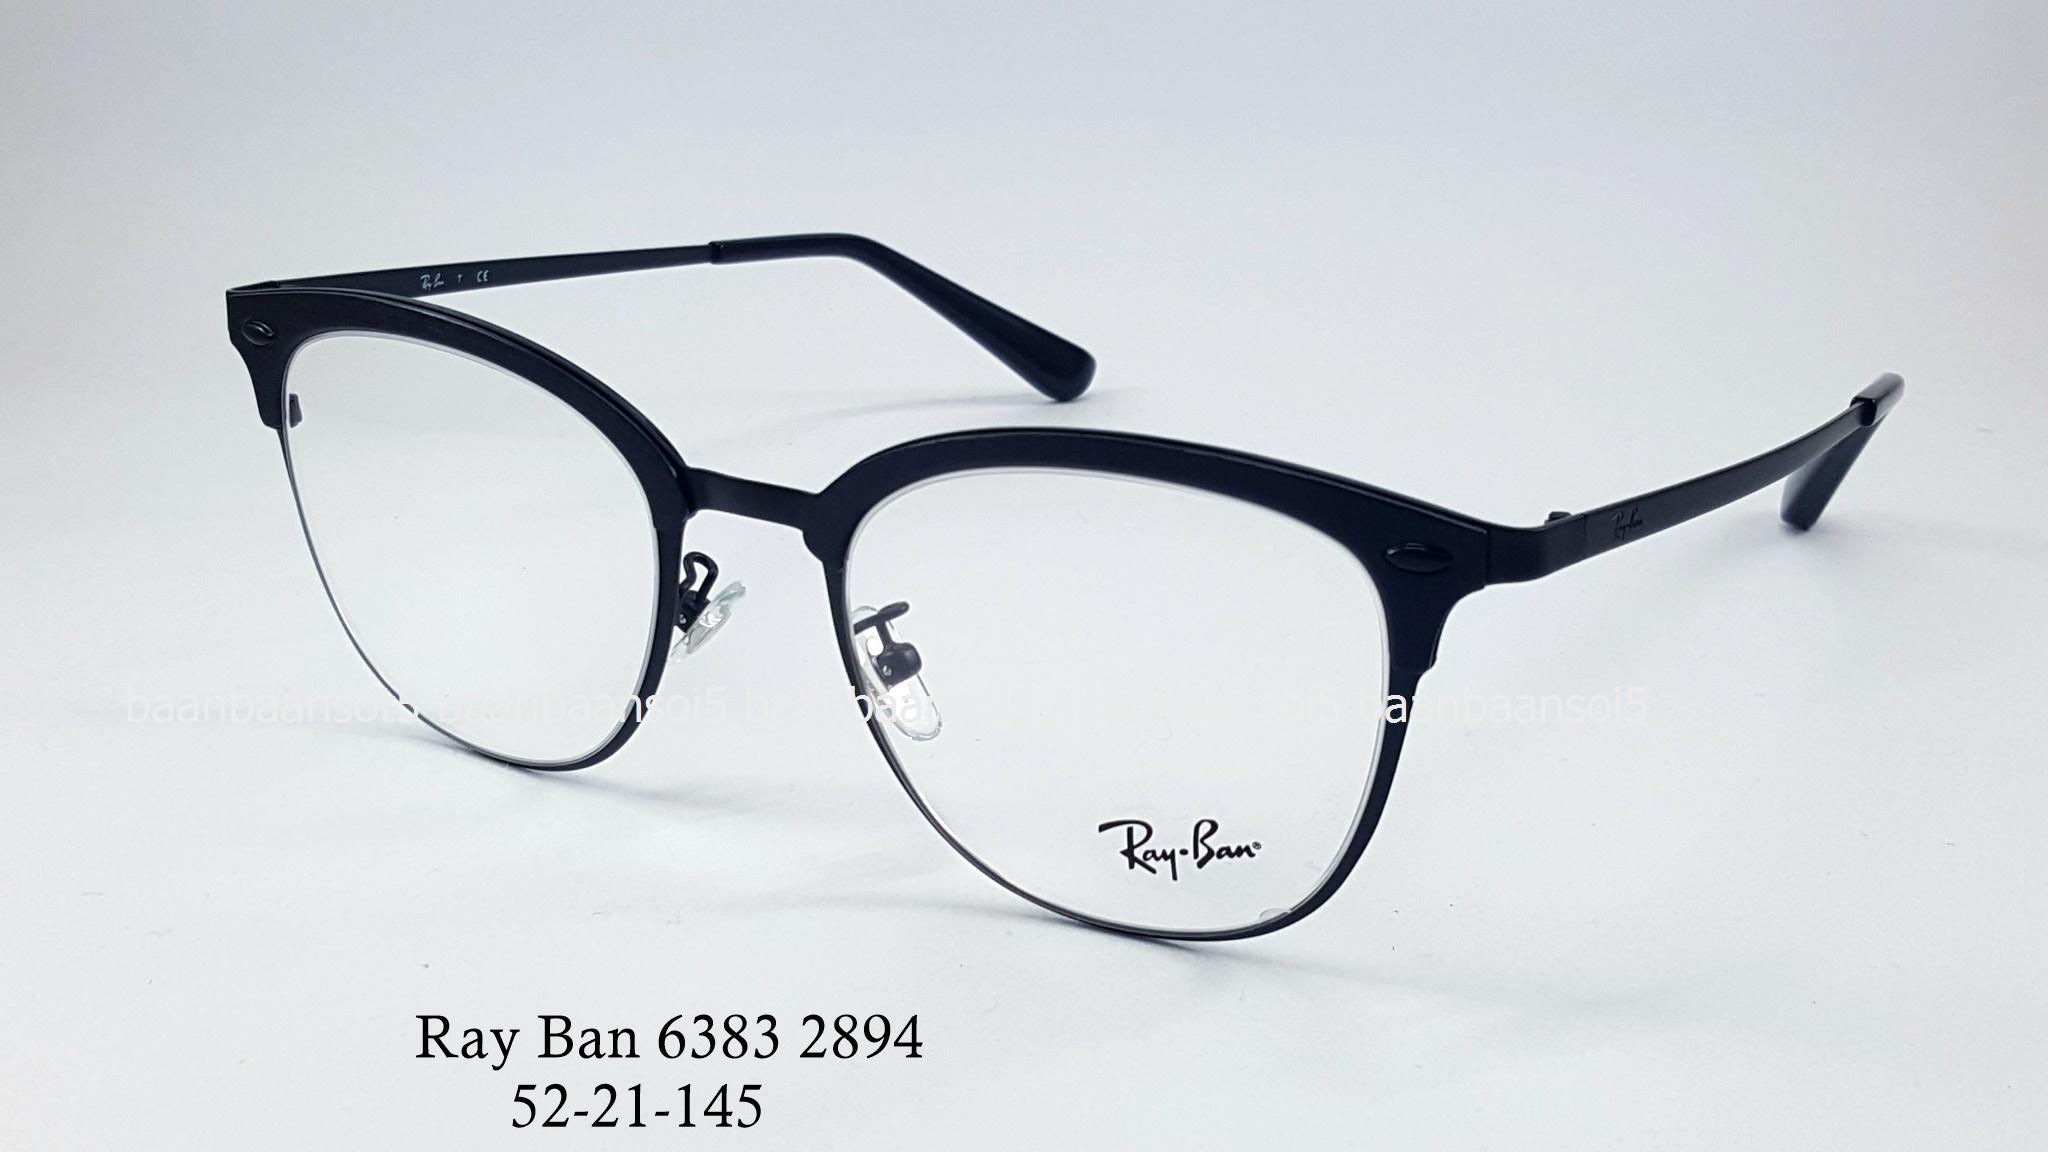 Rayban RX 6383 2894 โปรโมชั่น กรอบแว่นตาพร้อมเลนส์ HOYA ราคา 5,200 บาท